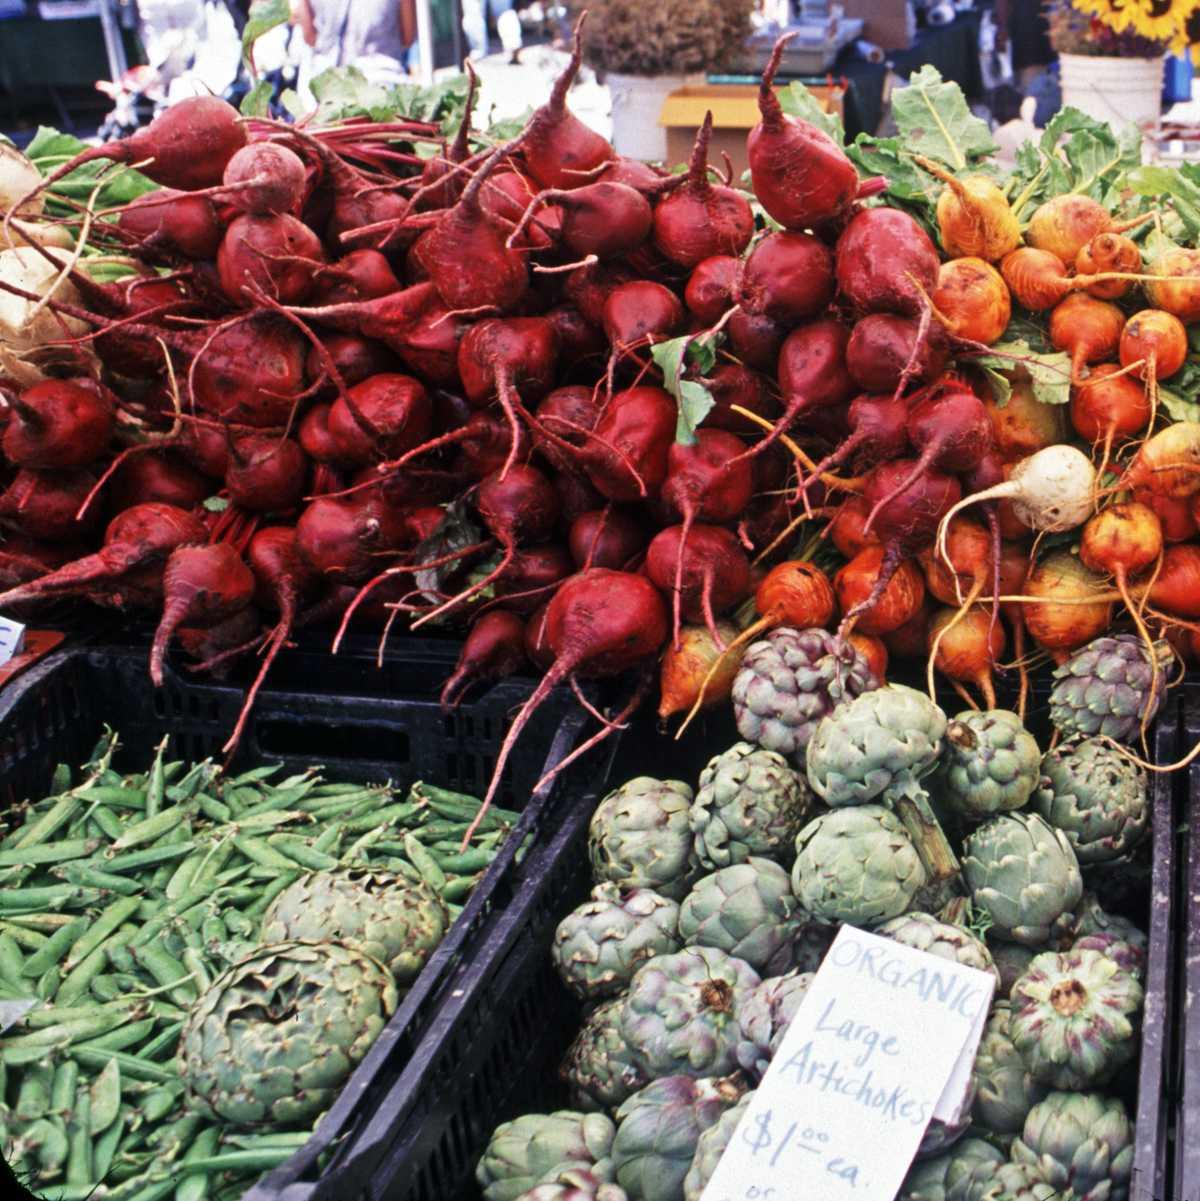 Farmers Market in Santa Monica